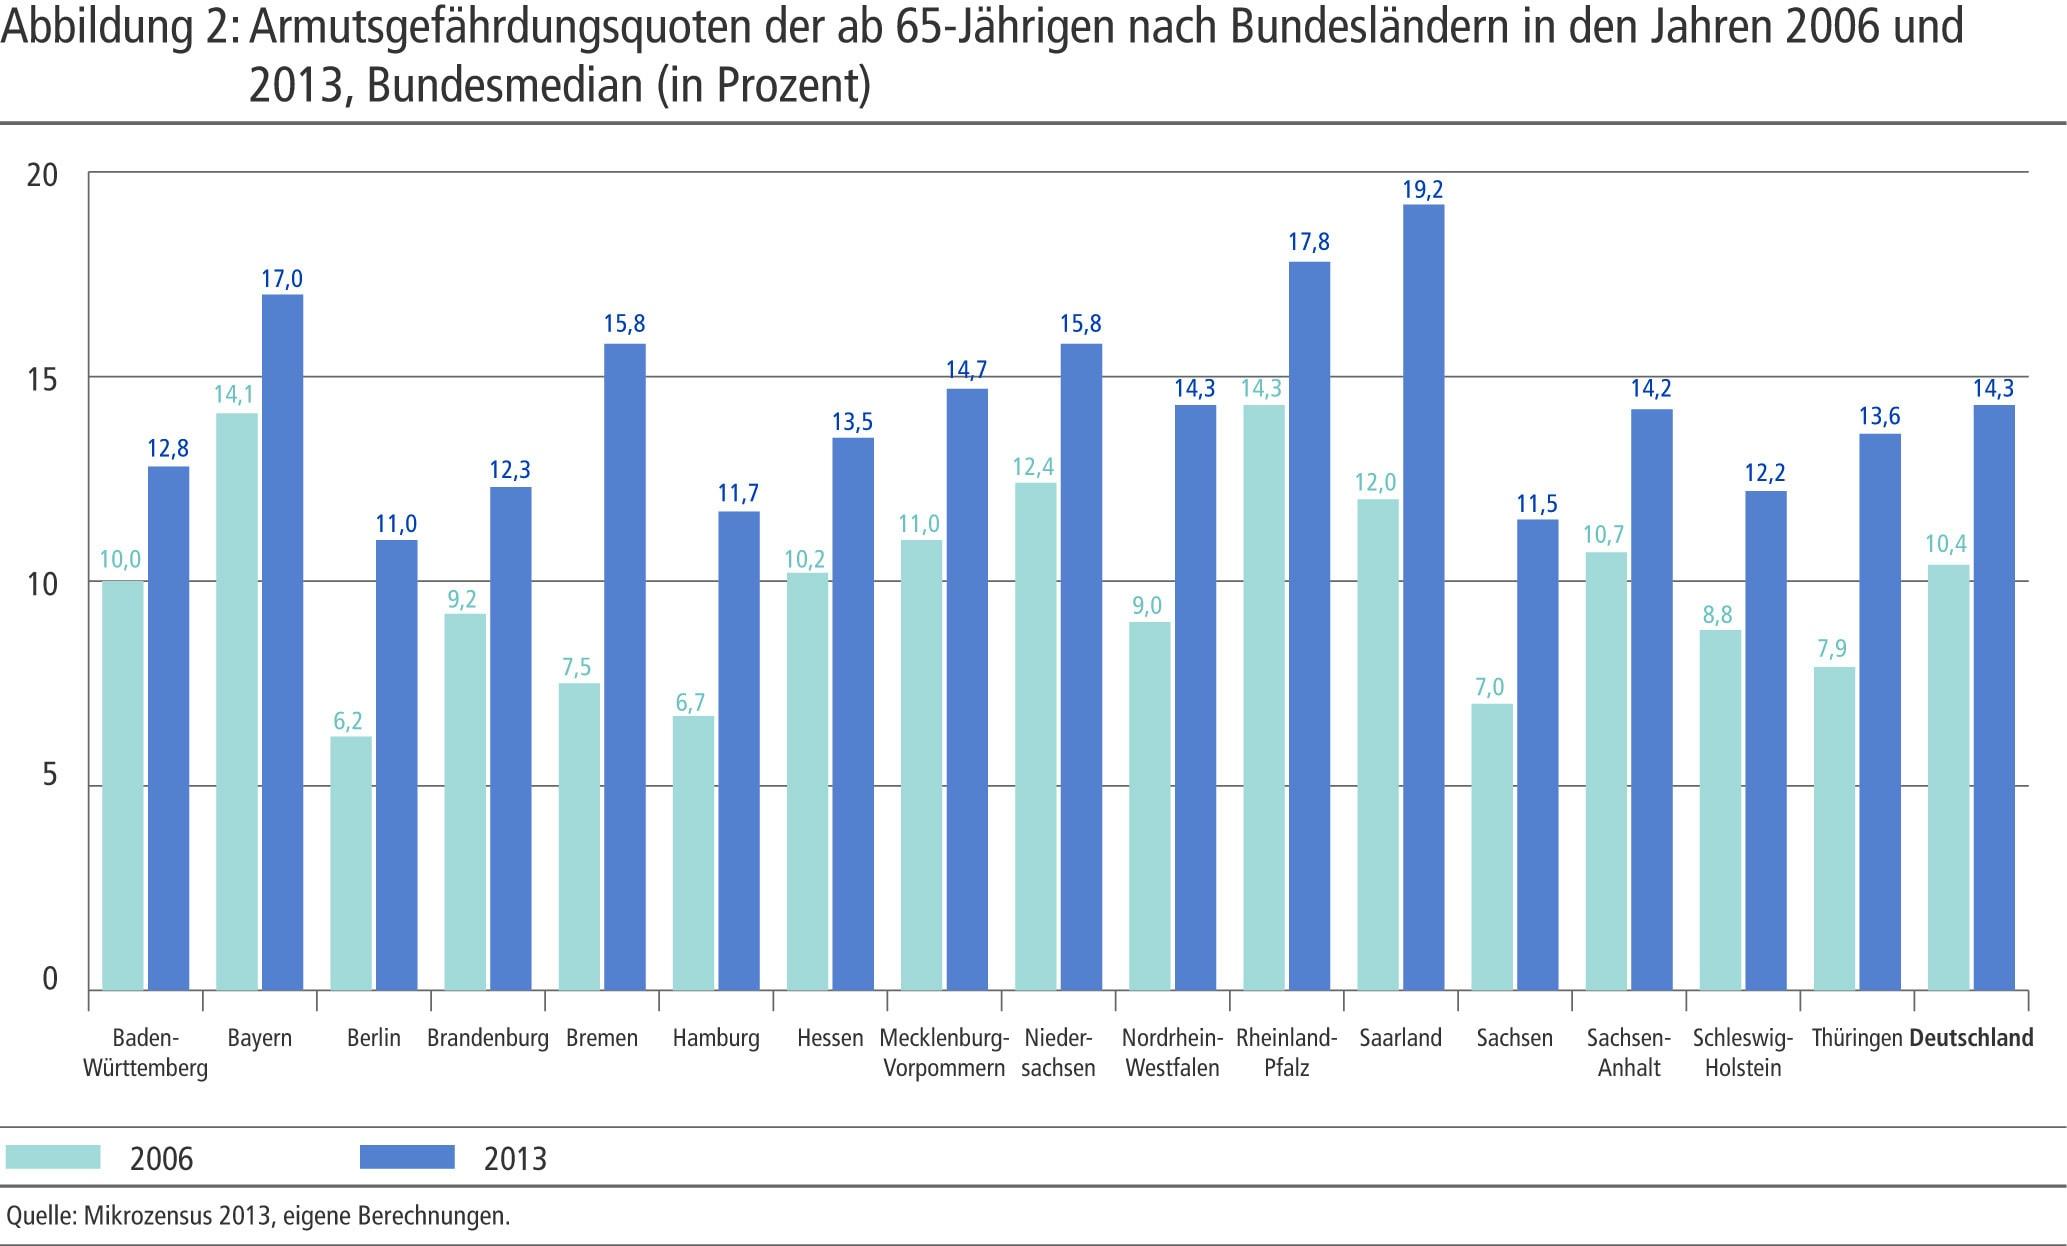 Quote der Armutsgefährdung nach Bundesländern